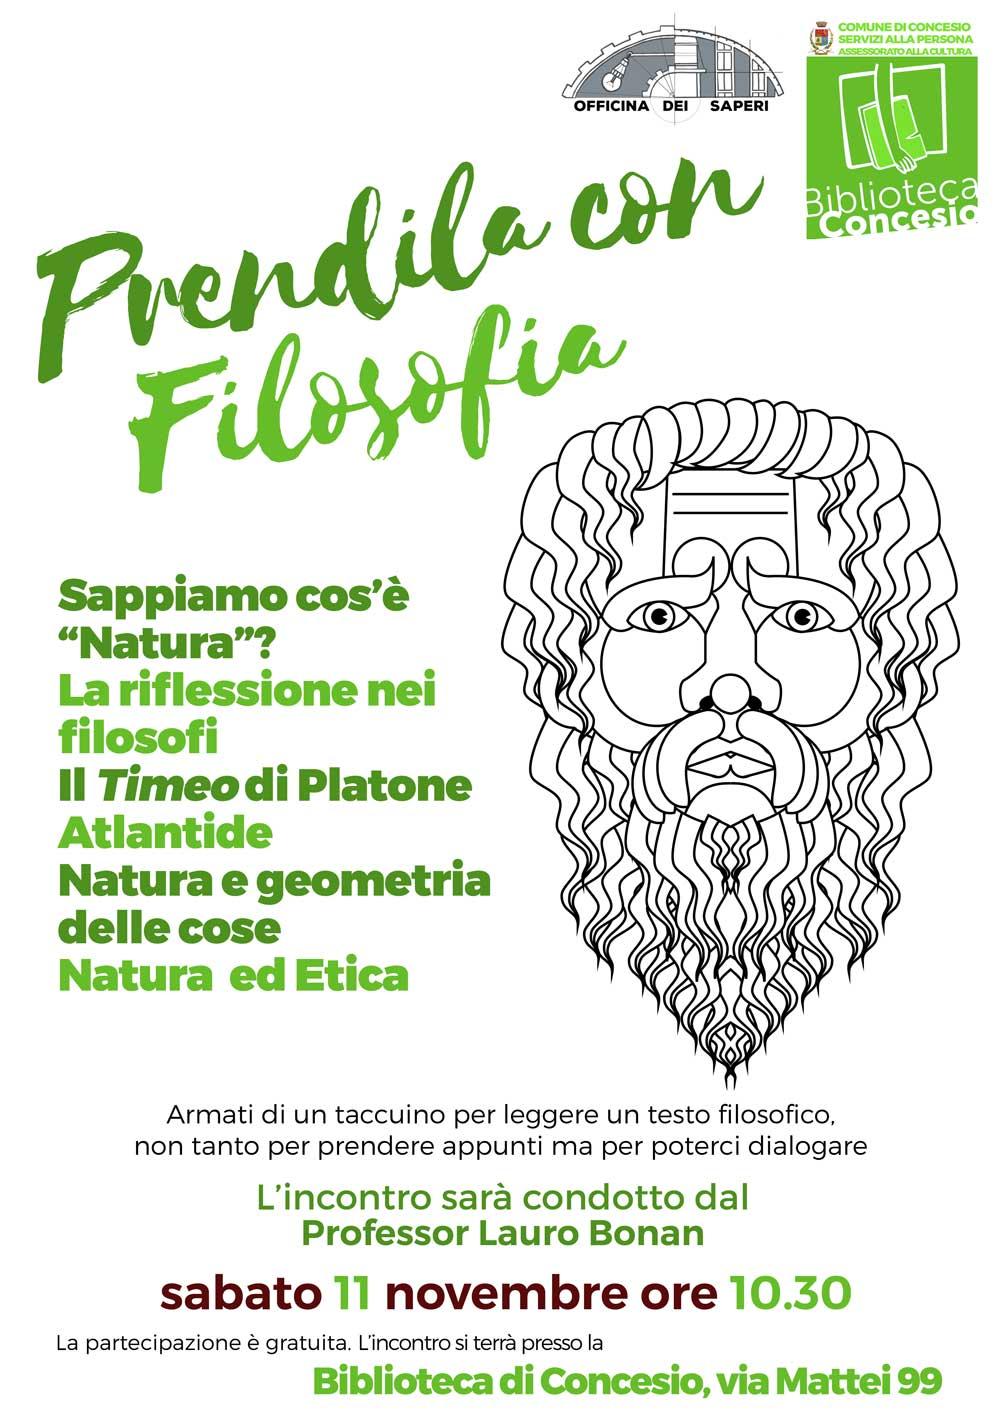 01 Nov Prendila con filosofia   Natura 77d8ef8030b